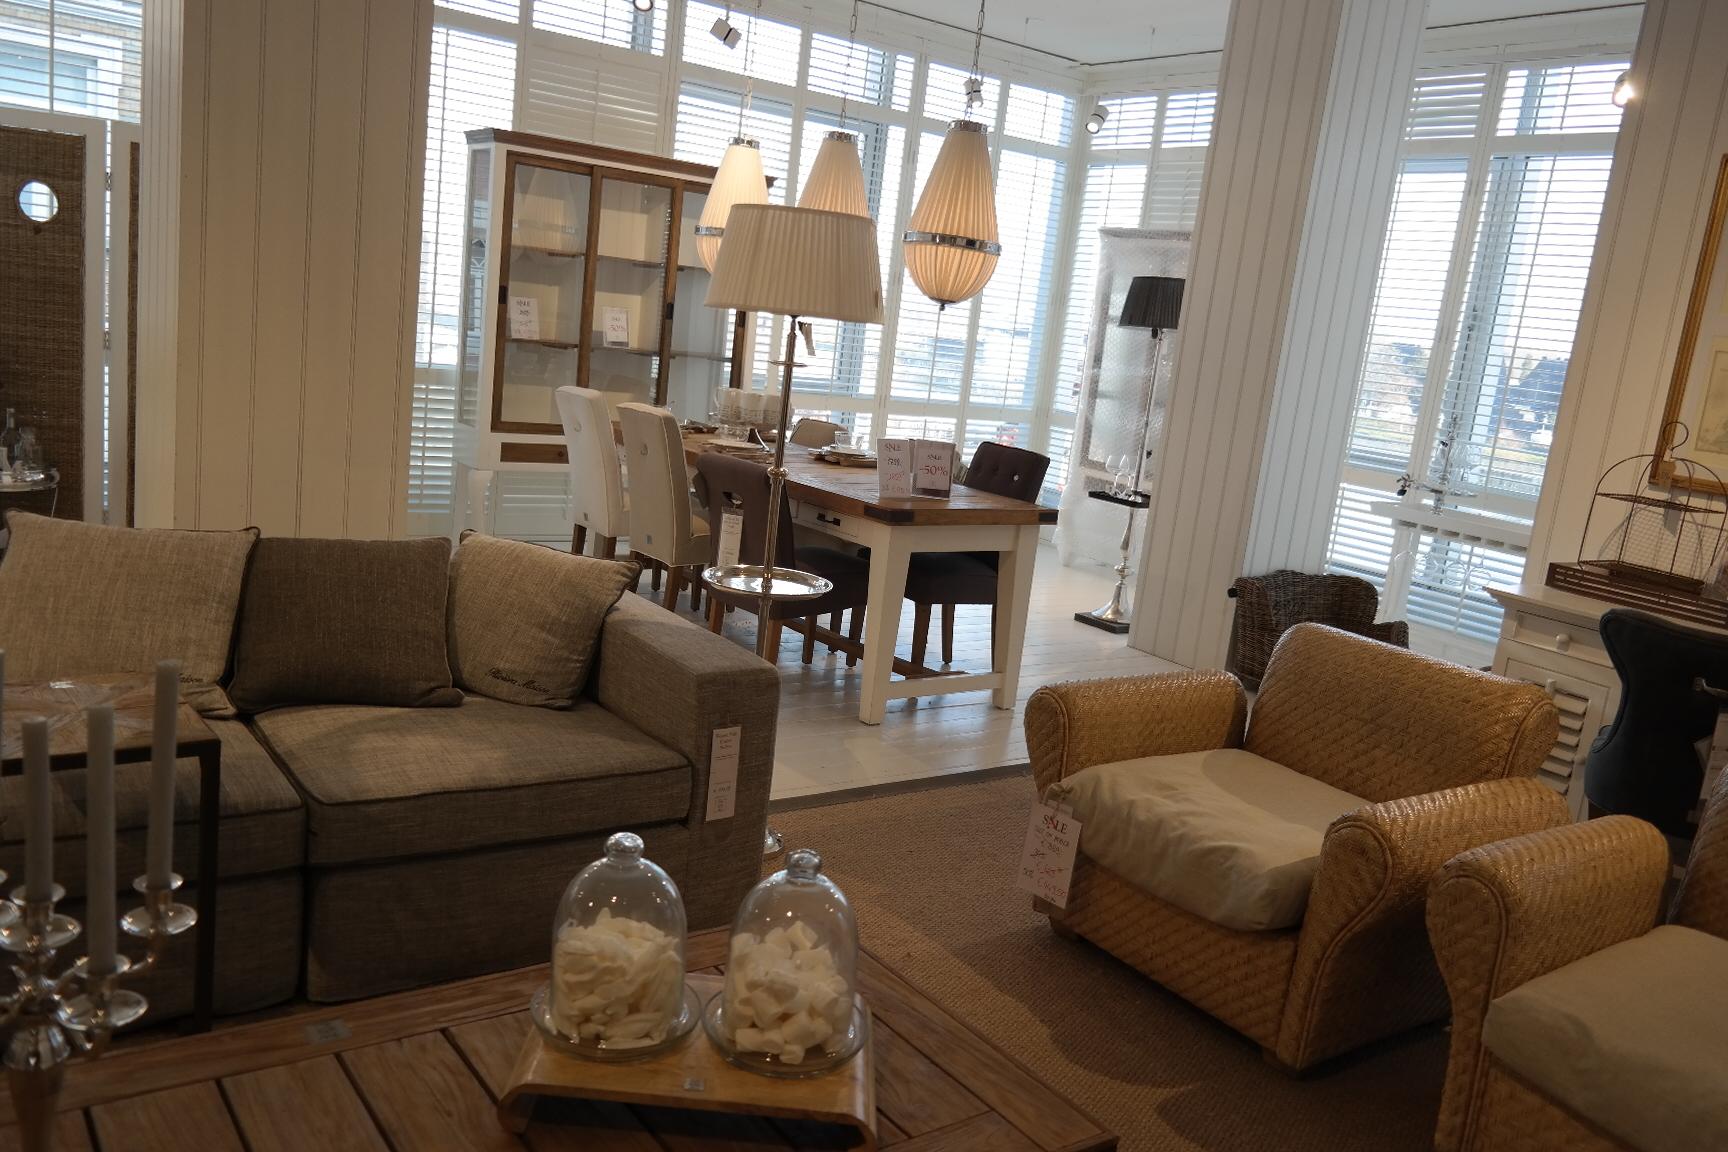 missbb reist nach maastricht warum eigentlich erst jetzt. Black Bedroom Furniture Sets. Home Design Ideas